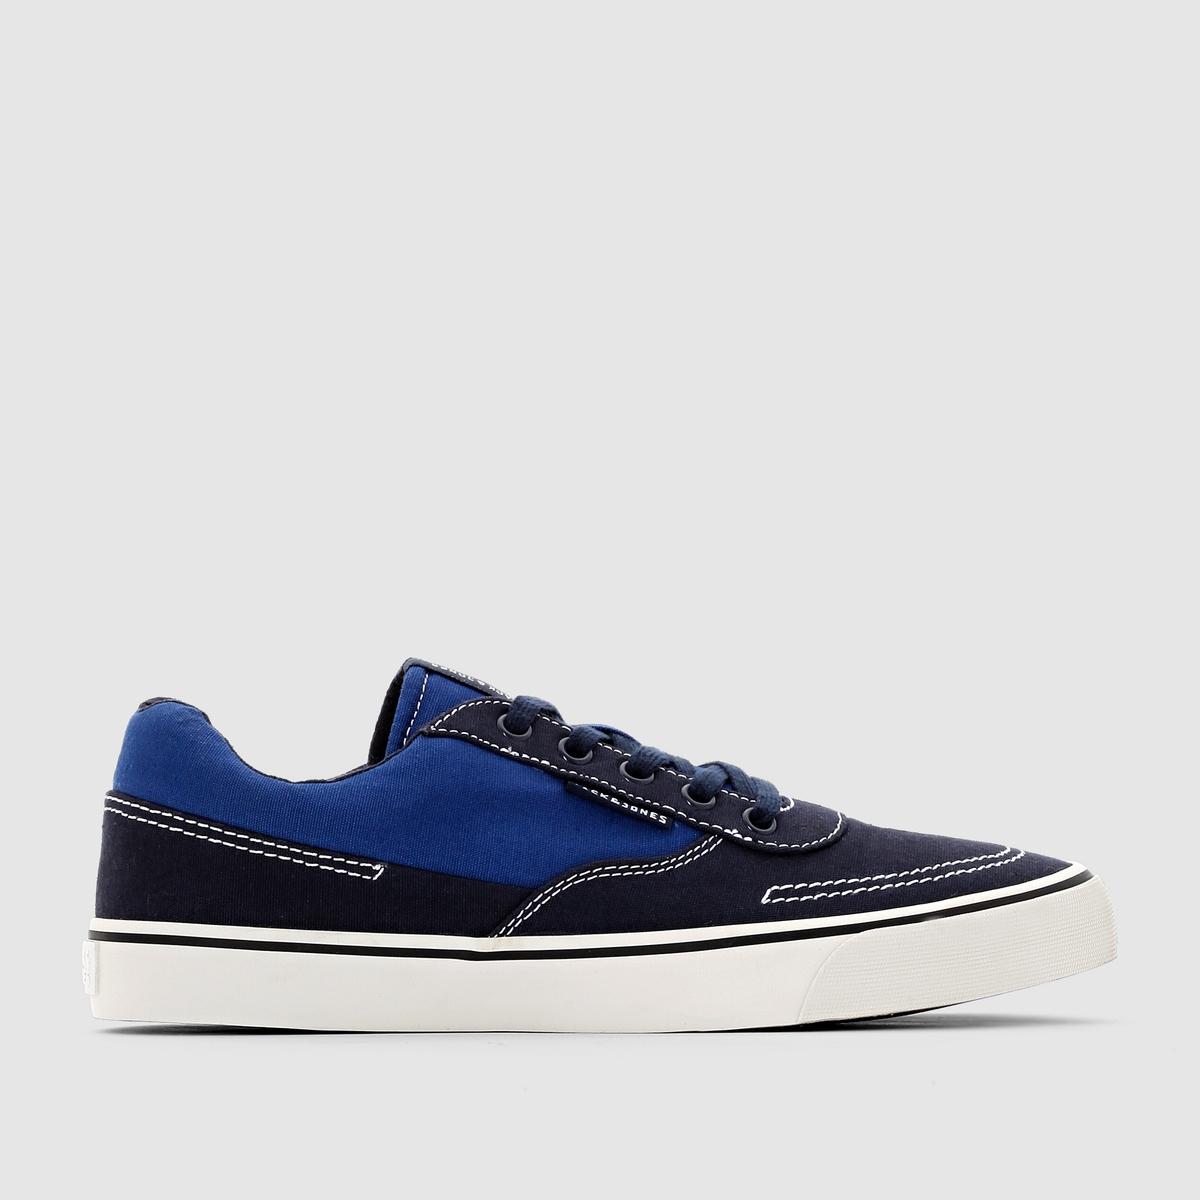 Кеды низкие JJ Shark CanvasКеды низкие JJ Shark Canvas -   JACK &amp; JONES.Верх: из ткани.Подкладка: из ткани.Стелька: синтетический материал.Подошва: эластомер.Застежка: шнуровка.Jack &amp; Jones создает спортивную и одновременно модную обувь. Праобразом этих низких кед является обувь для яхтсменов. Очень актуальная модель в этом сезоне!<br><br>Цвет: синий морской<br>Размер: 44